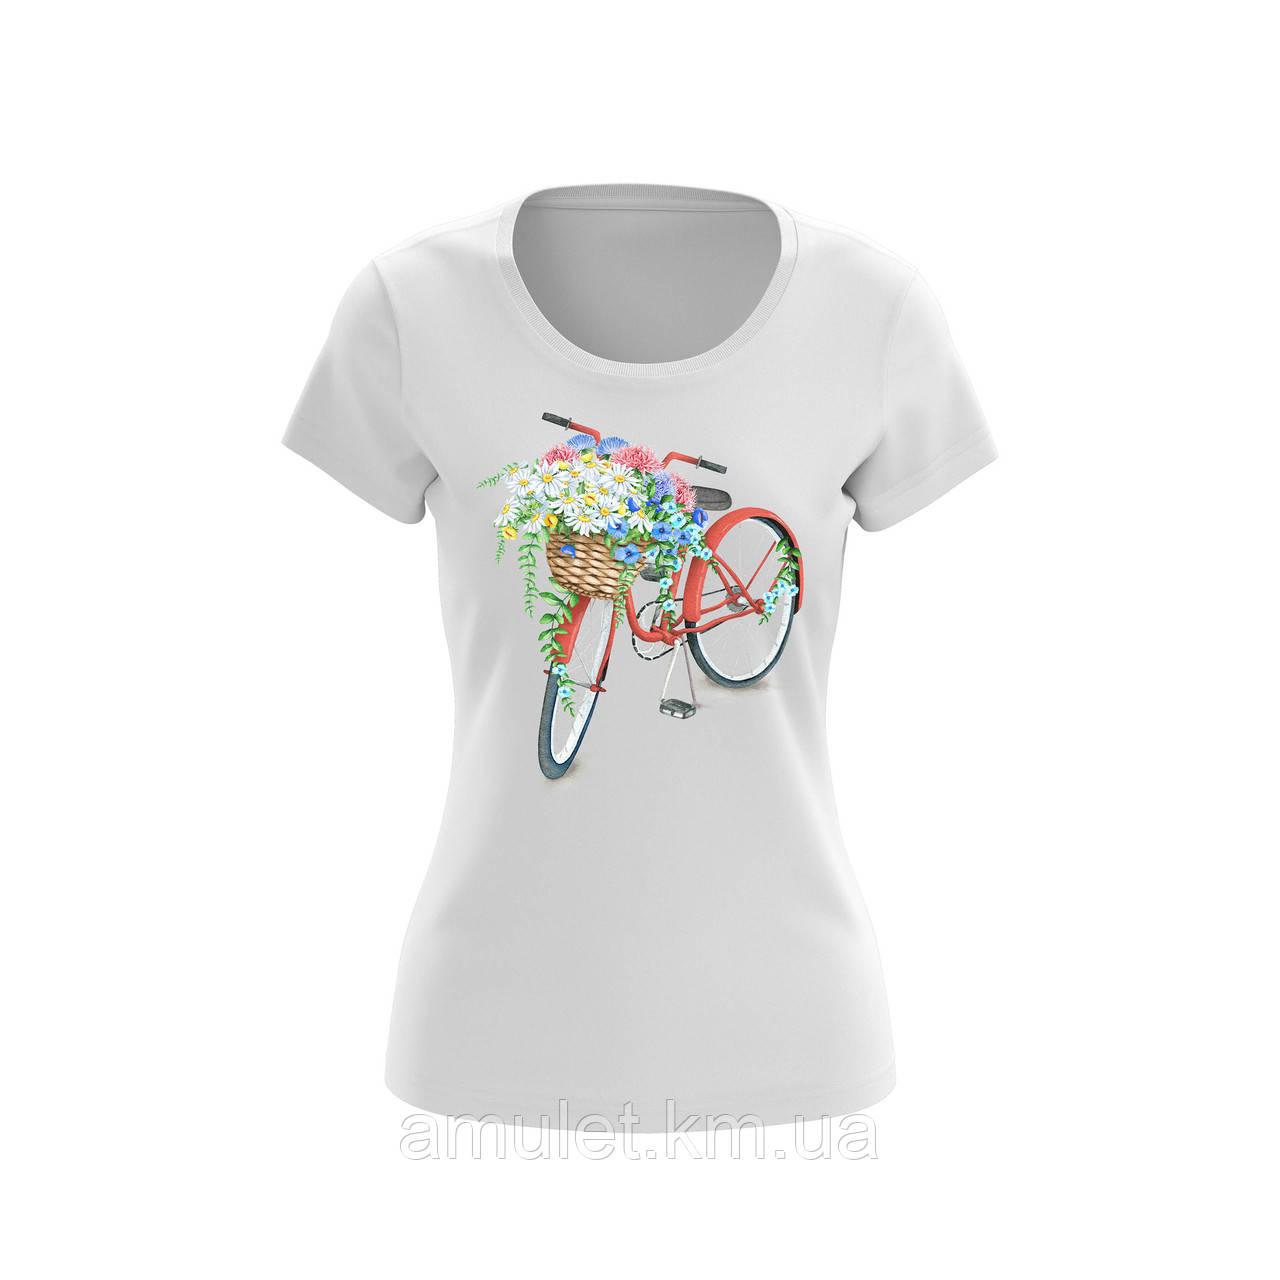 """Футболка жіноча з принтами """"Велосипед з квітами"""""""